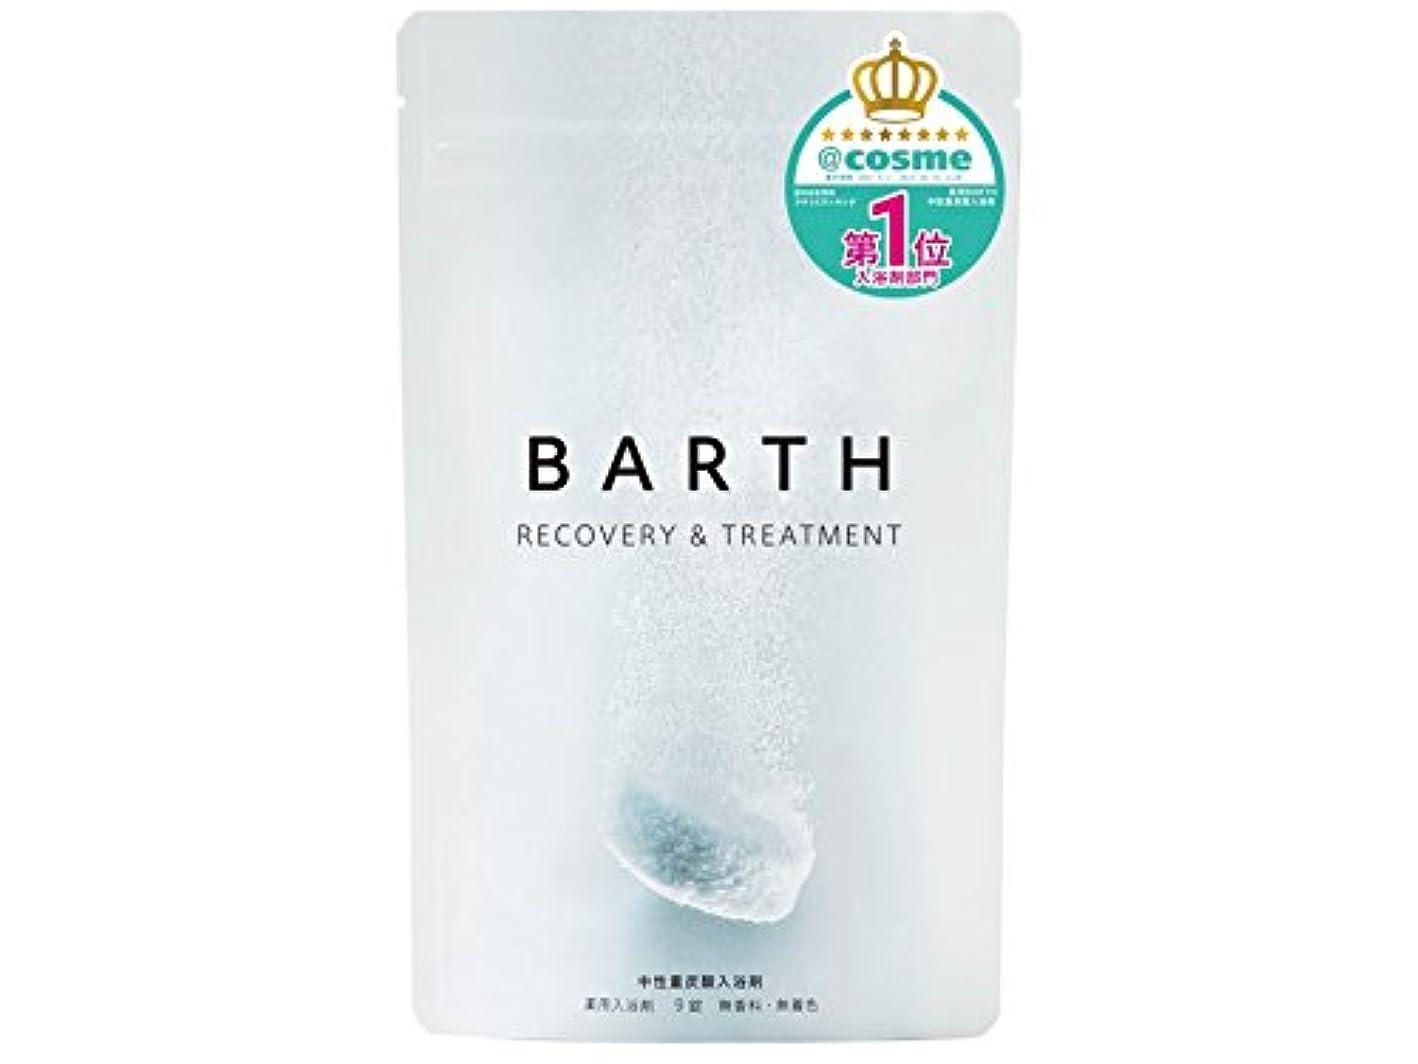 交換可能尊敬する液体BARTH【バース】入浴剤 中性 重炭酸 9錠入り (炭酸泉 無香料 保湿 発汗)